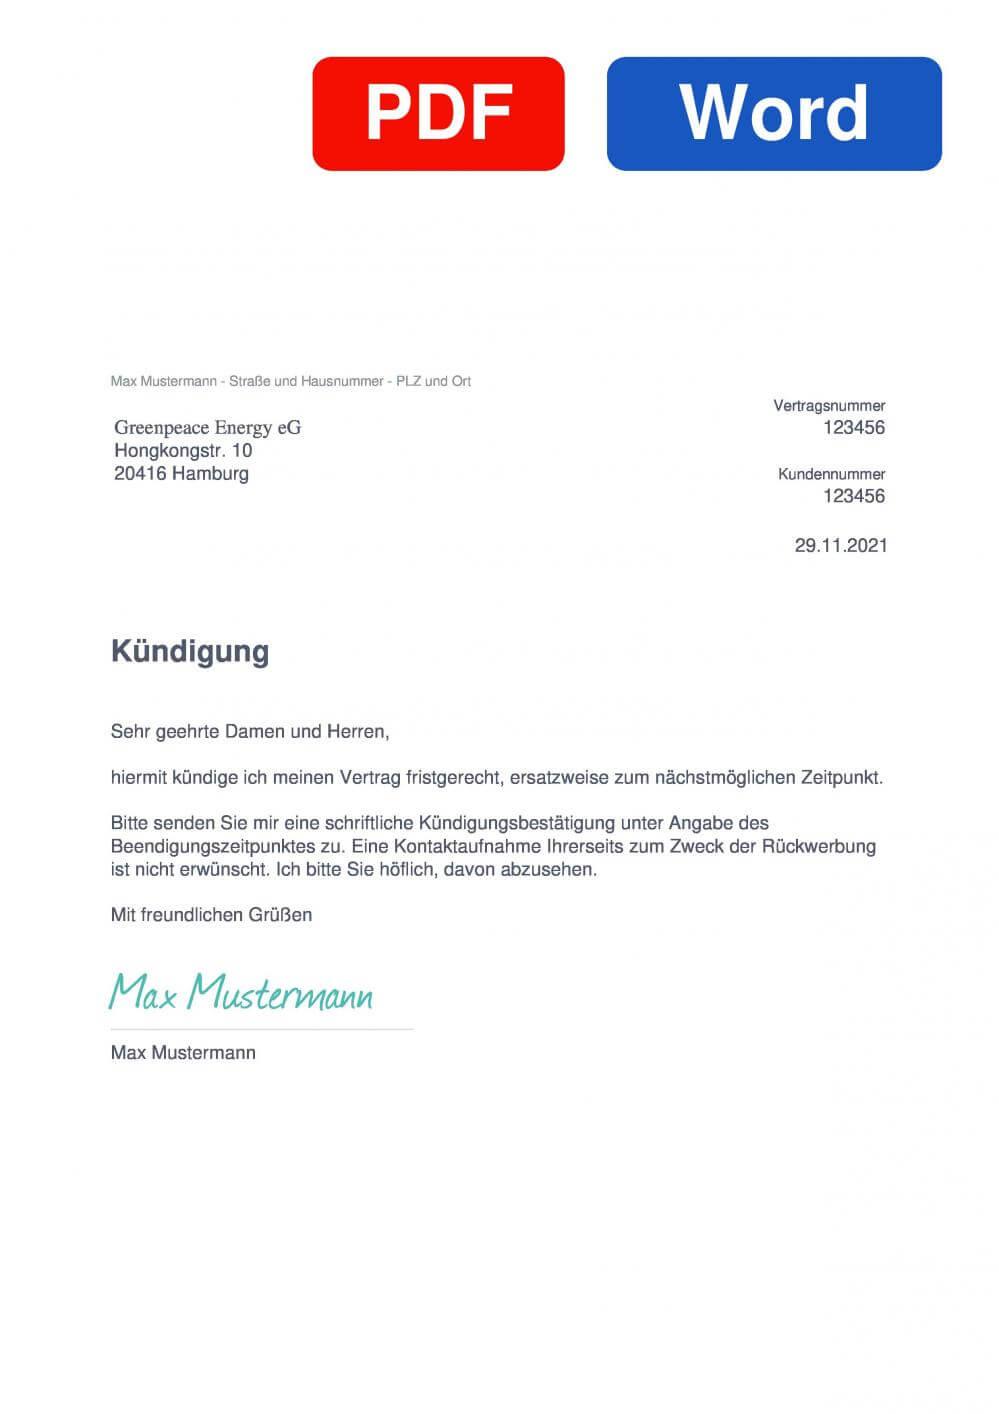 Greenpeace Energy Muster Vorlage für Kündigungsschreiben